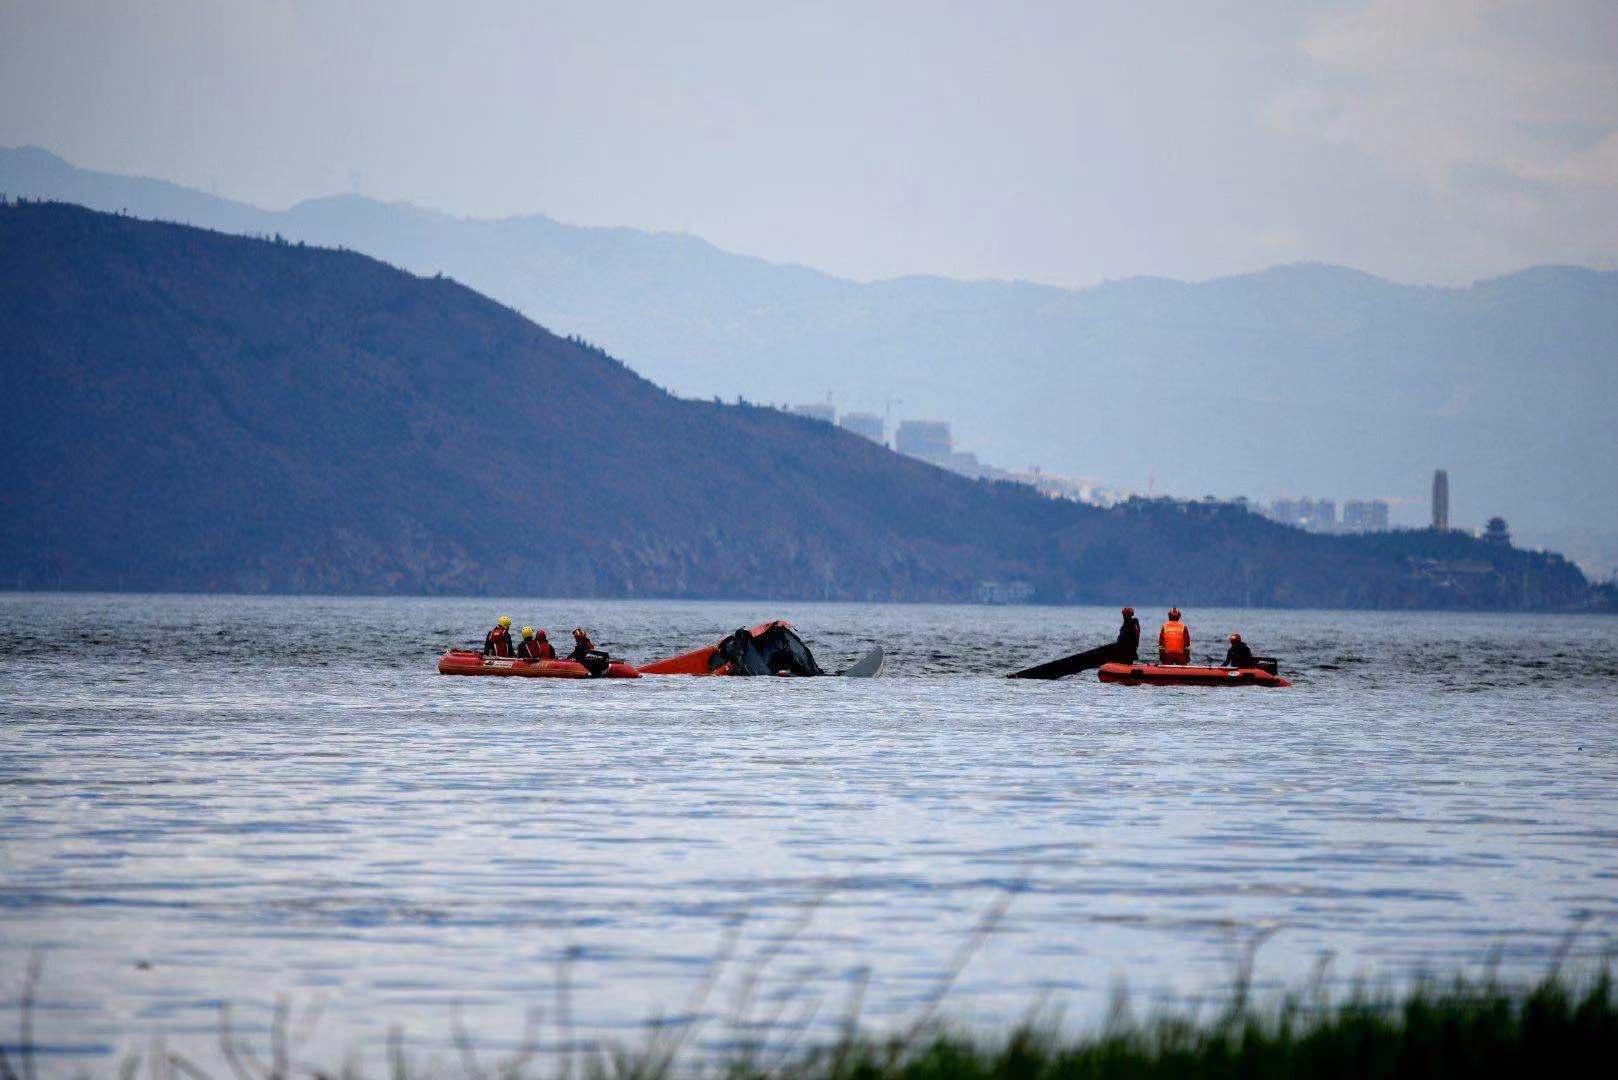 洱海坠机2人死亡2人仍在搜救:残骸已被拖至廊桥,现场煤油味很重